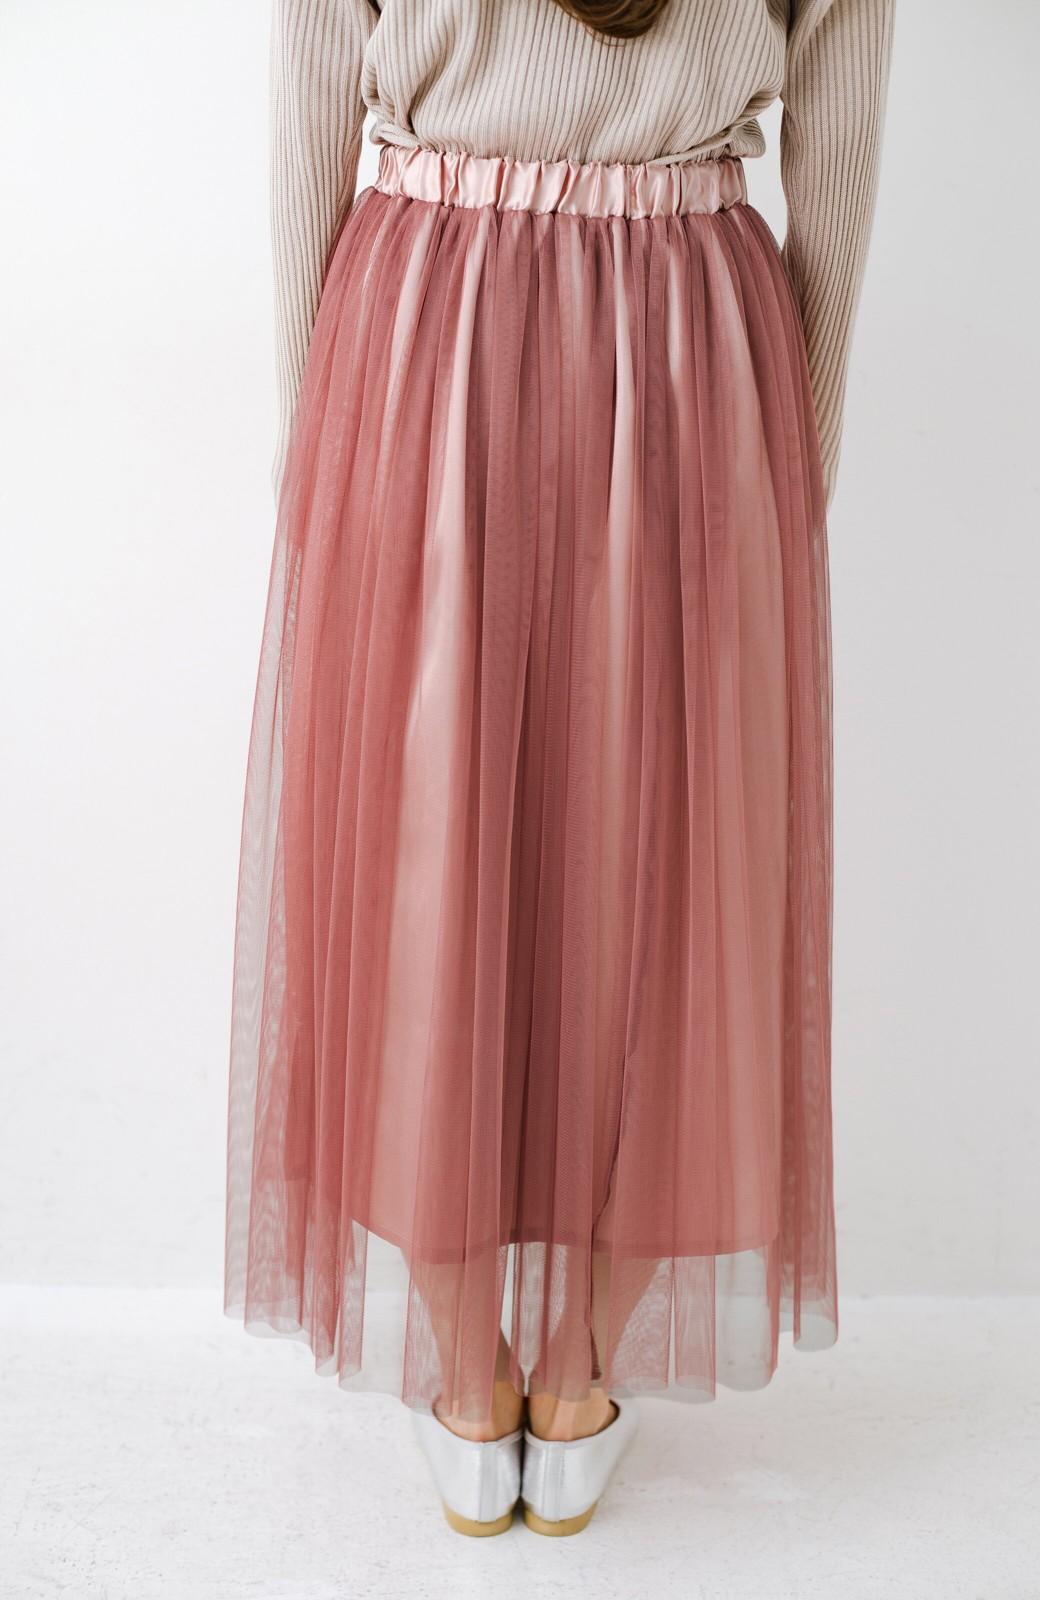 haco! 着るだけでルンとした気分になる! 長ーーい季節着られてずっと使えるオトナのためのチュールスカート <ピンク>の商品写真14